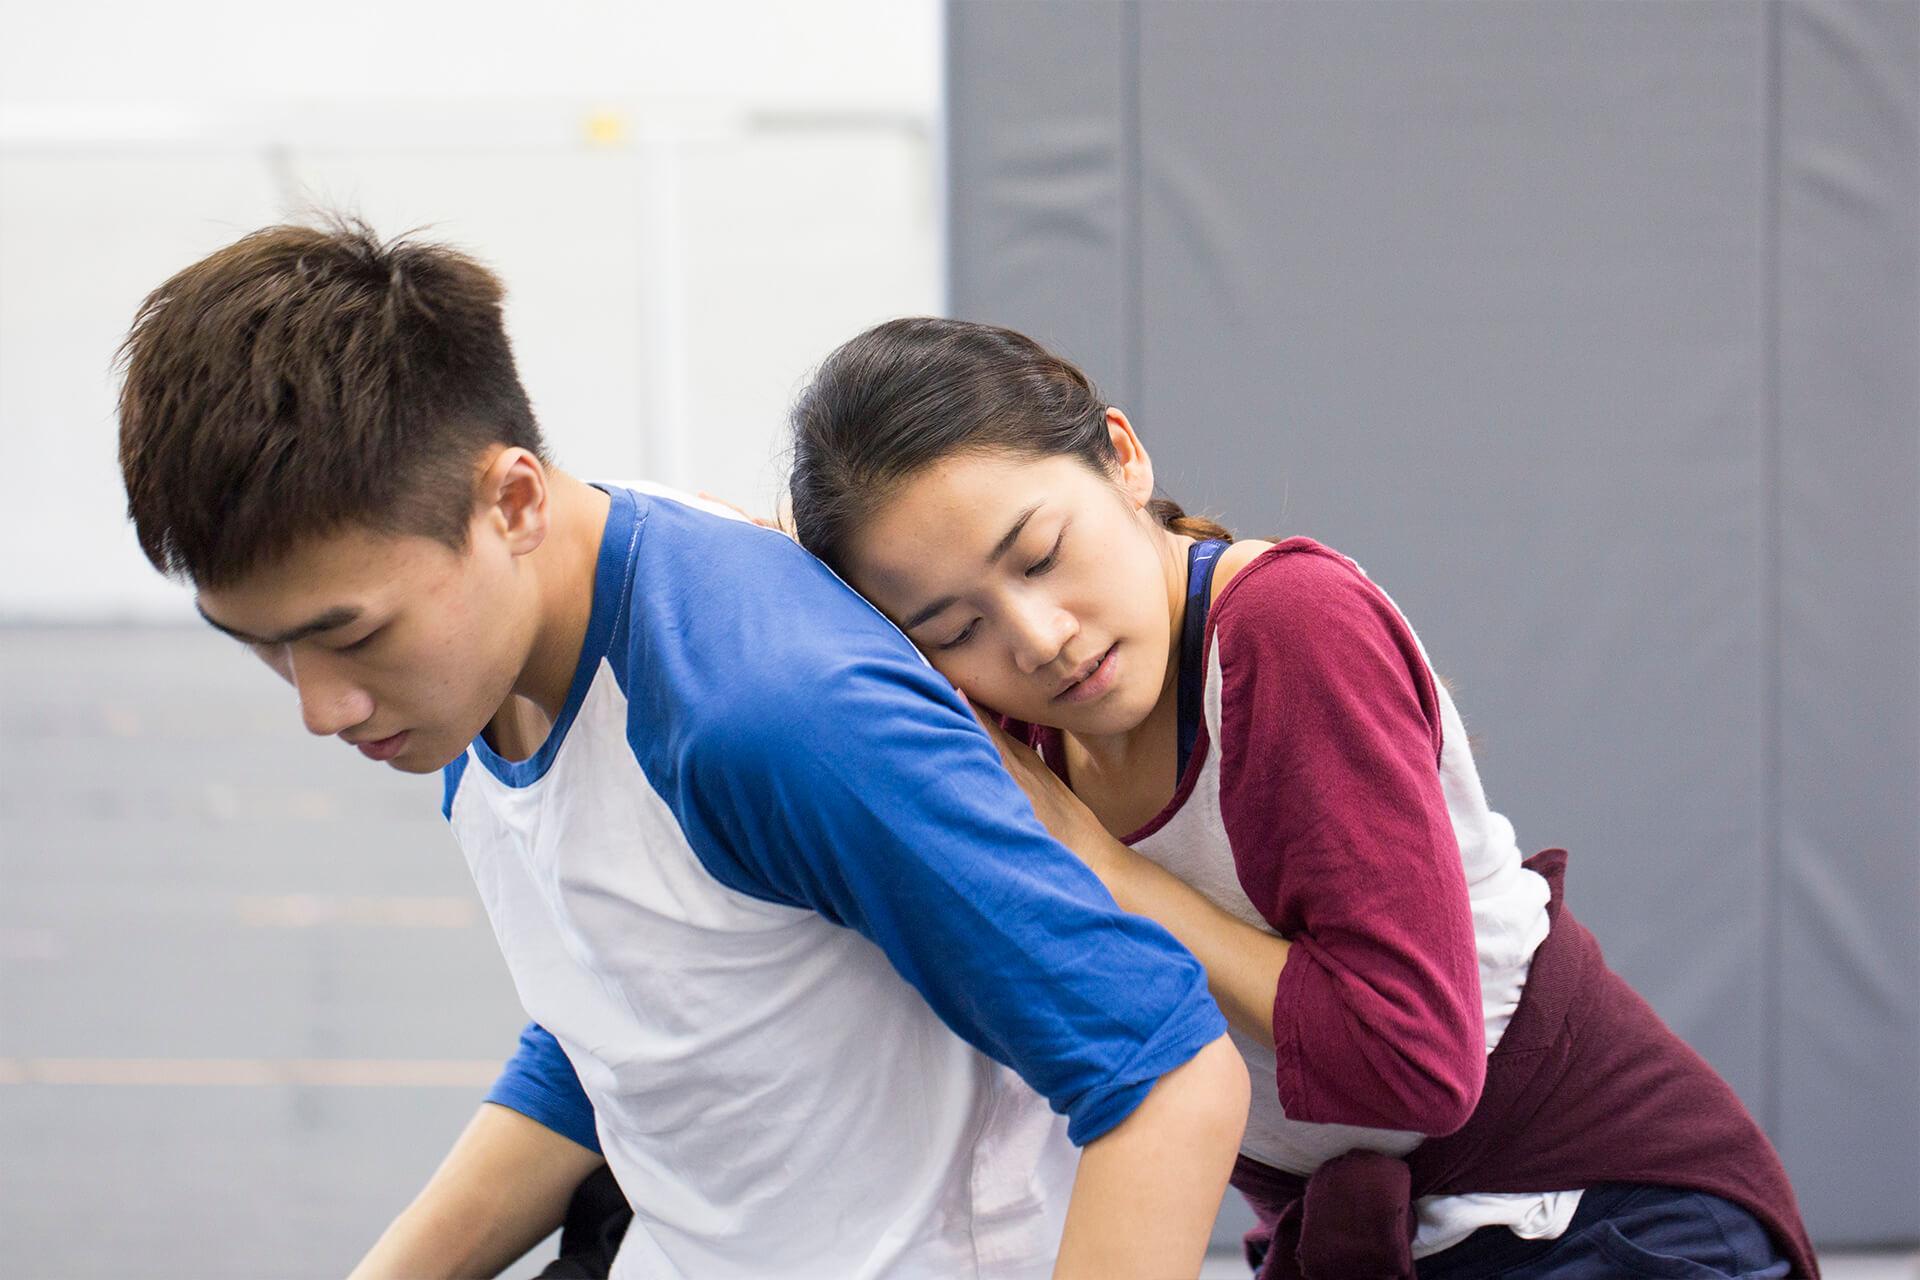 2019年版本的《冬之旅》主要由舞者創作動作,再由黎海寧作編排。